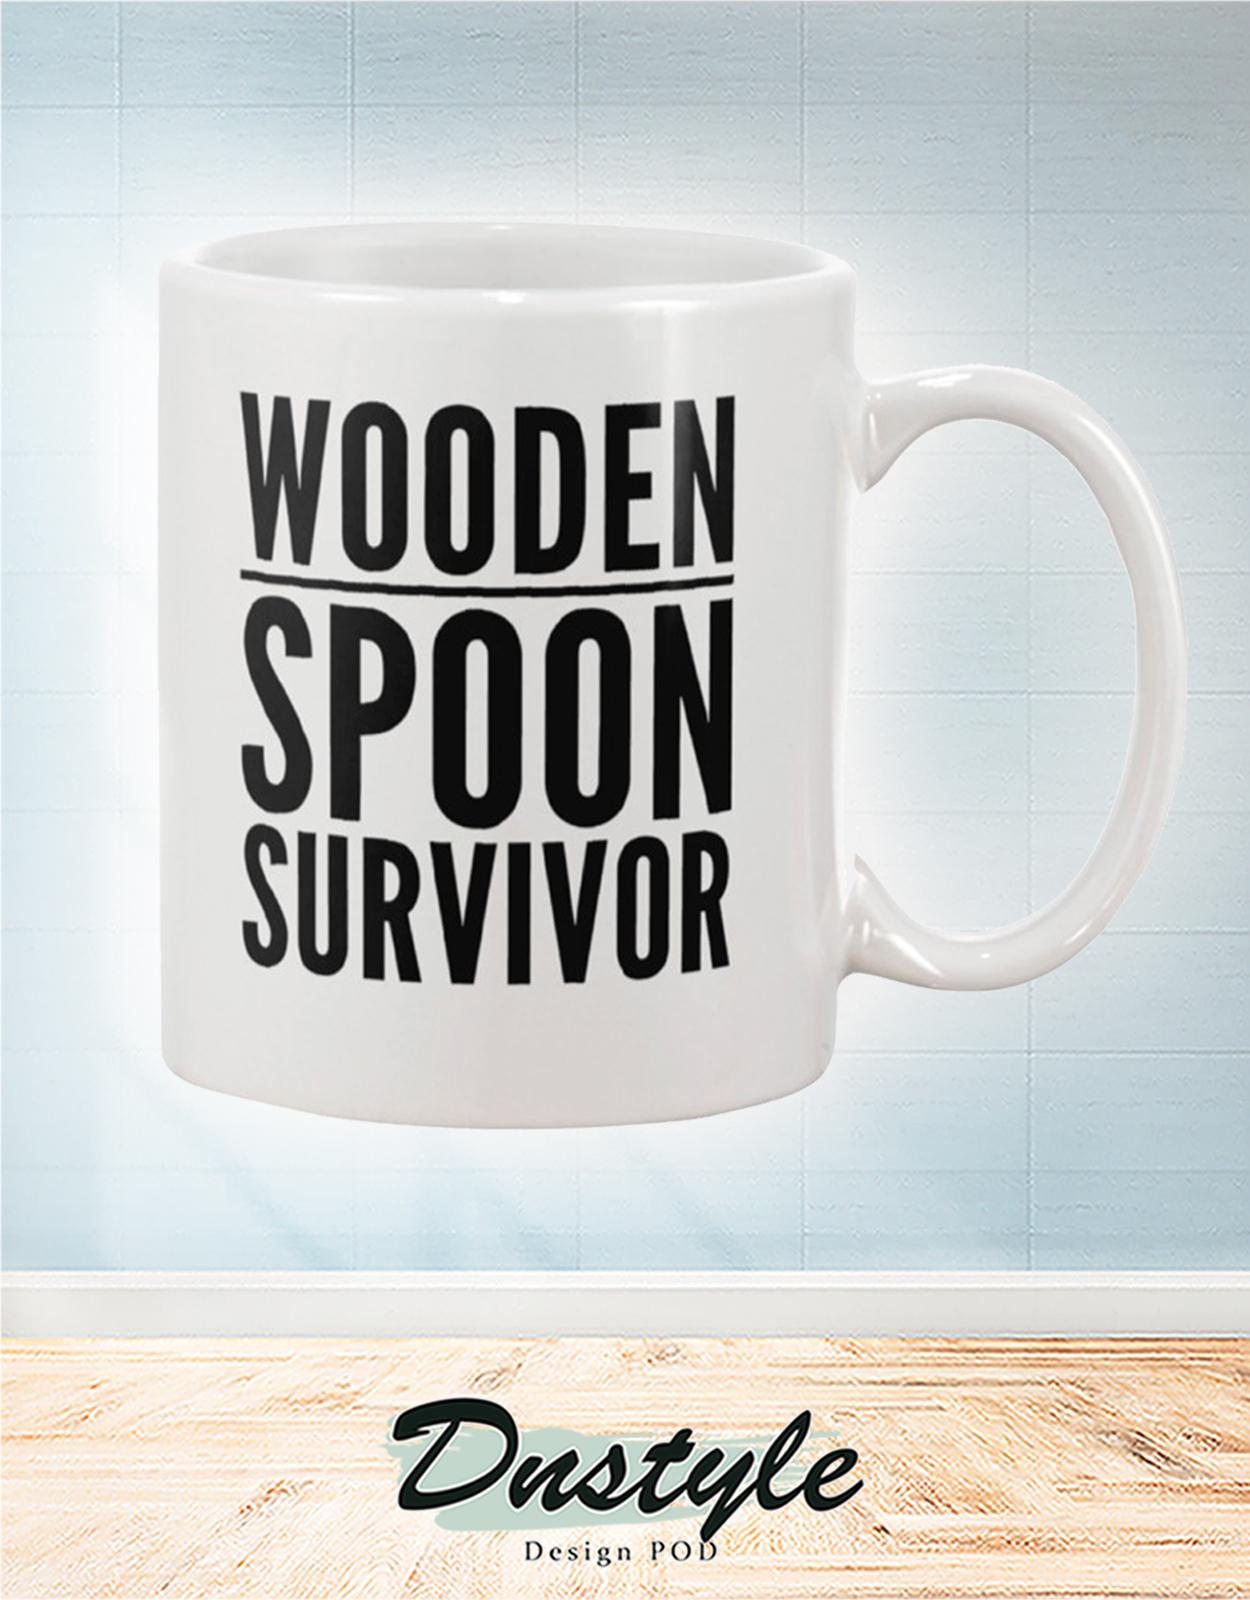 Wooden spoon survivor mug 2